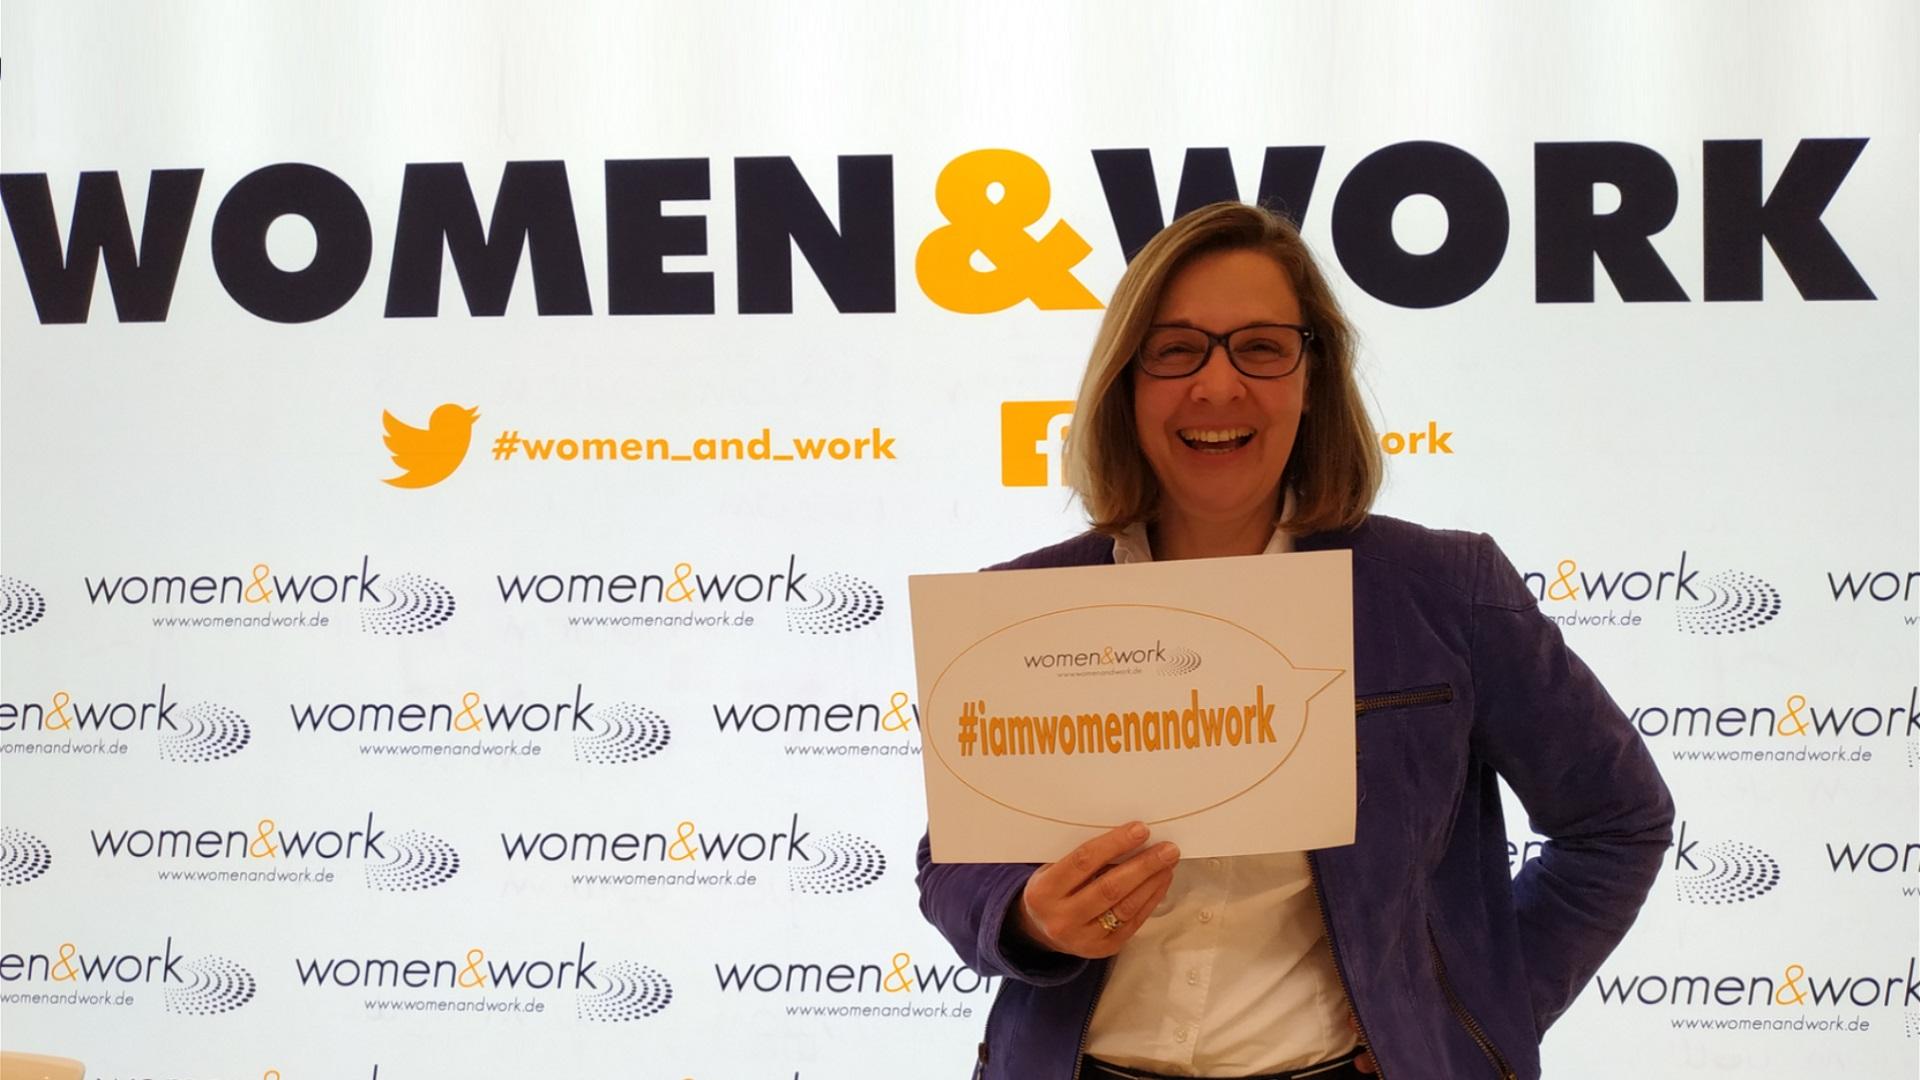 Women-work_1920x1080_B.jpg